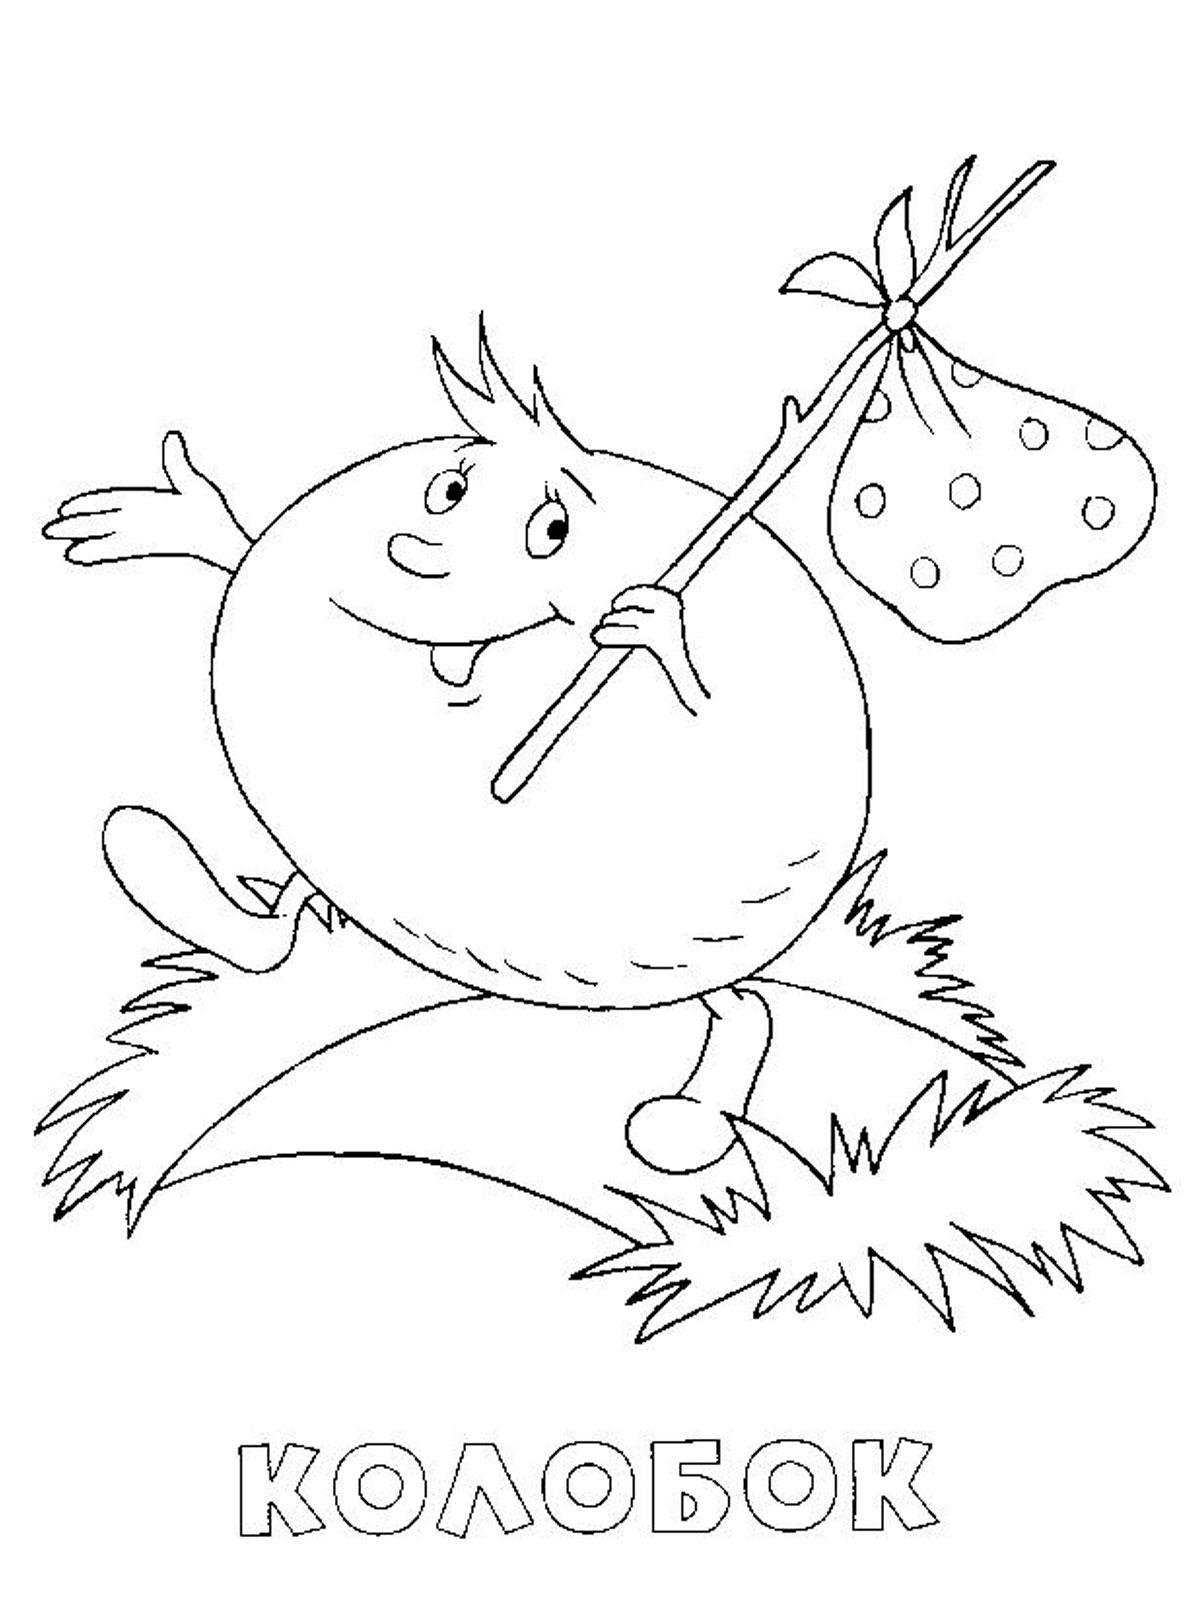 Развиващие задания. Раскраска Колобок Раскраски из сказки колобок Раскраски распечатать с колобком лисой волком и другими героями сказки где колобок от всех убежал